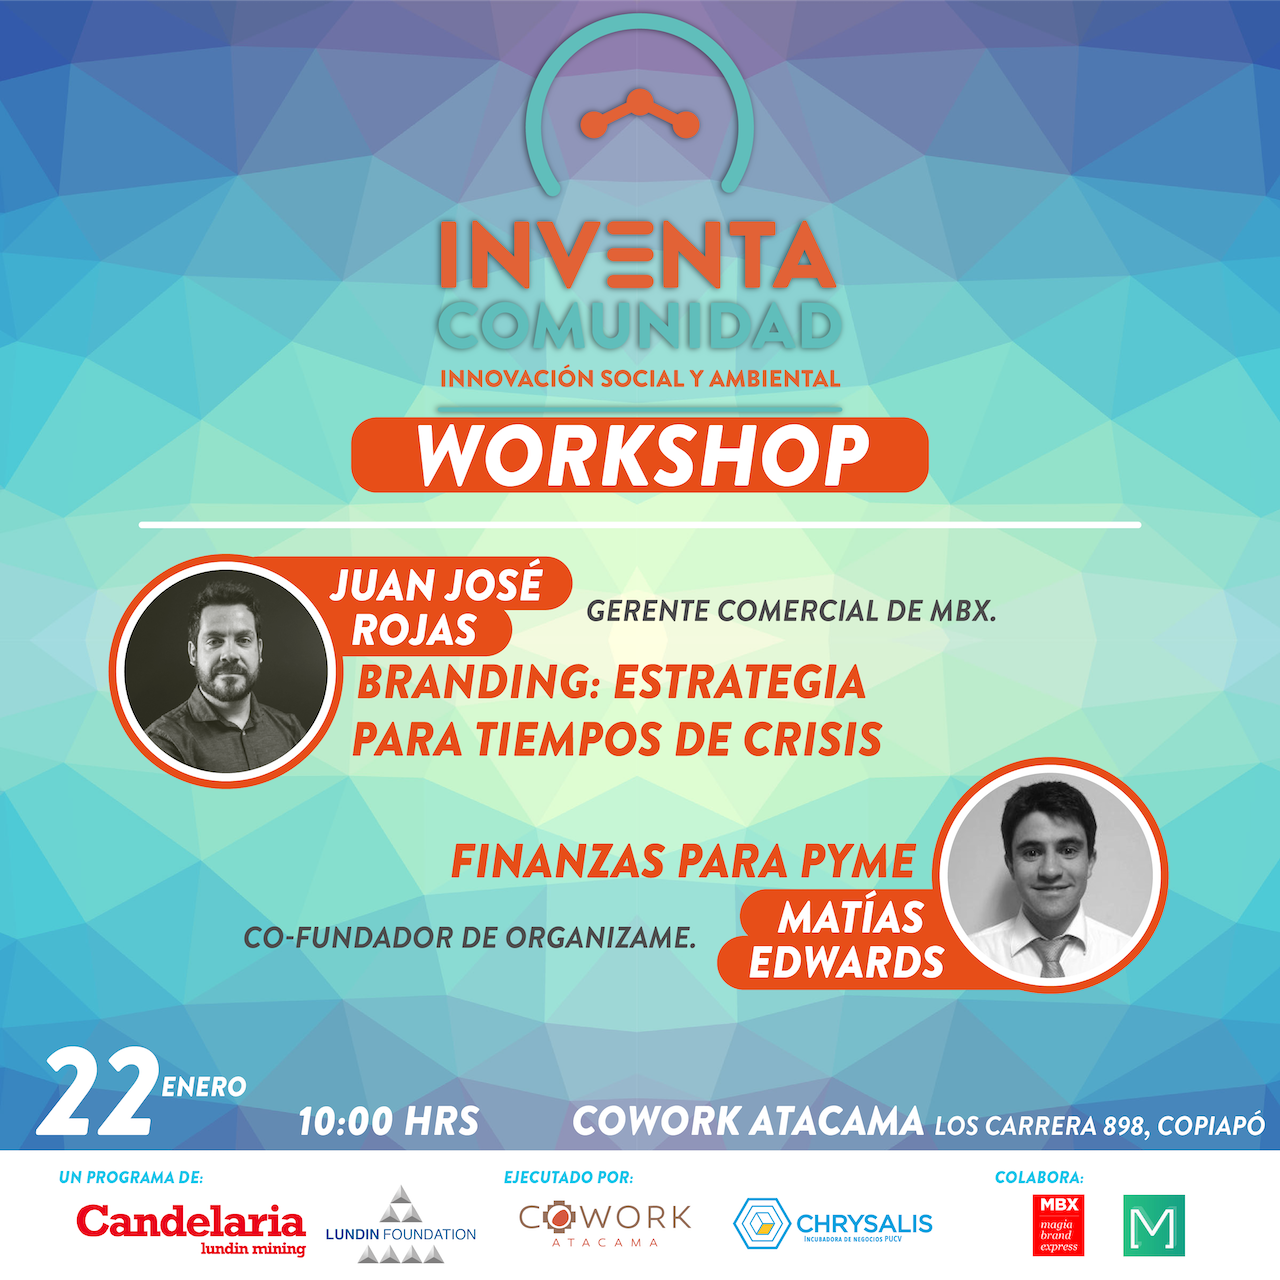 Workshop, Branding y Finanzas para Pyme